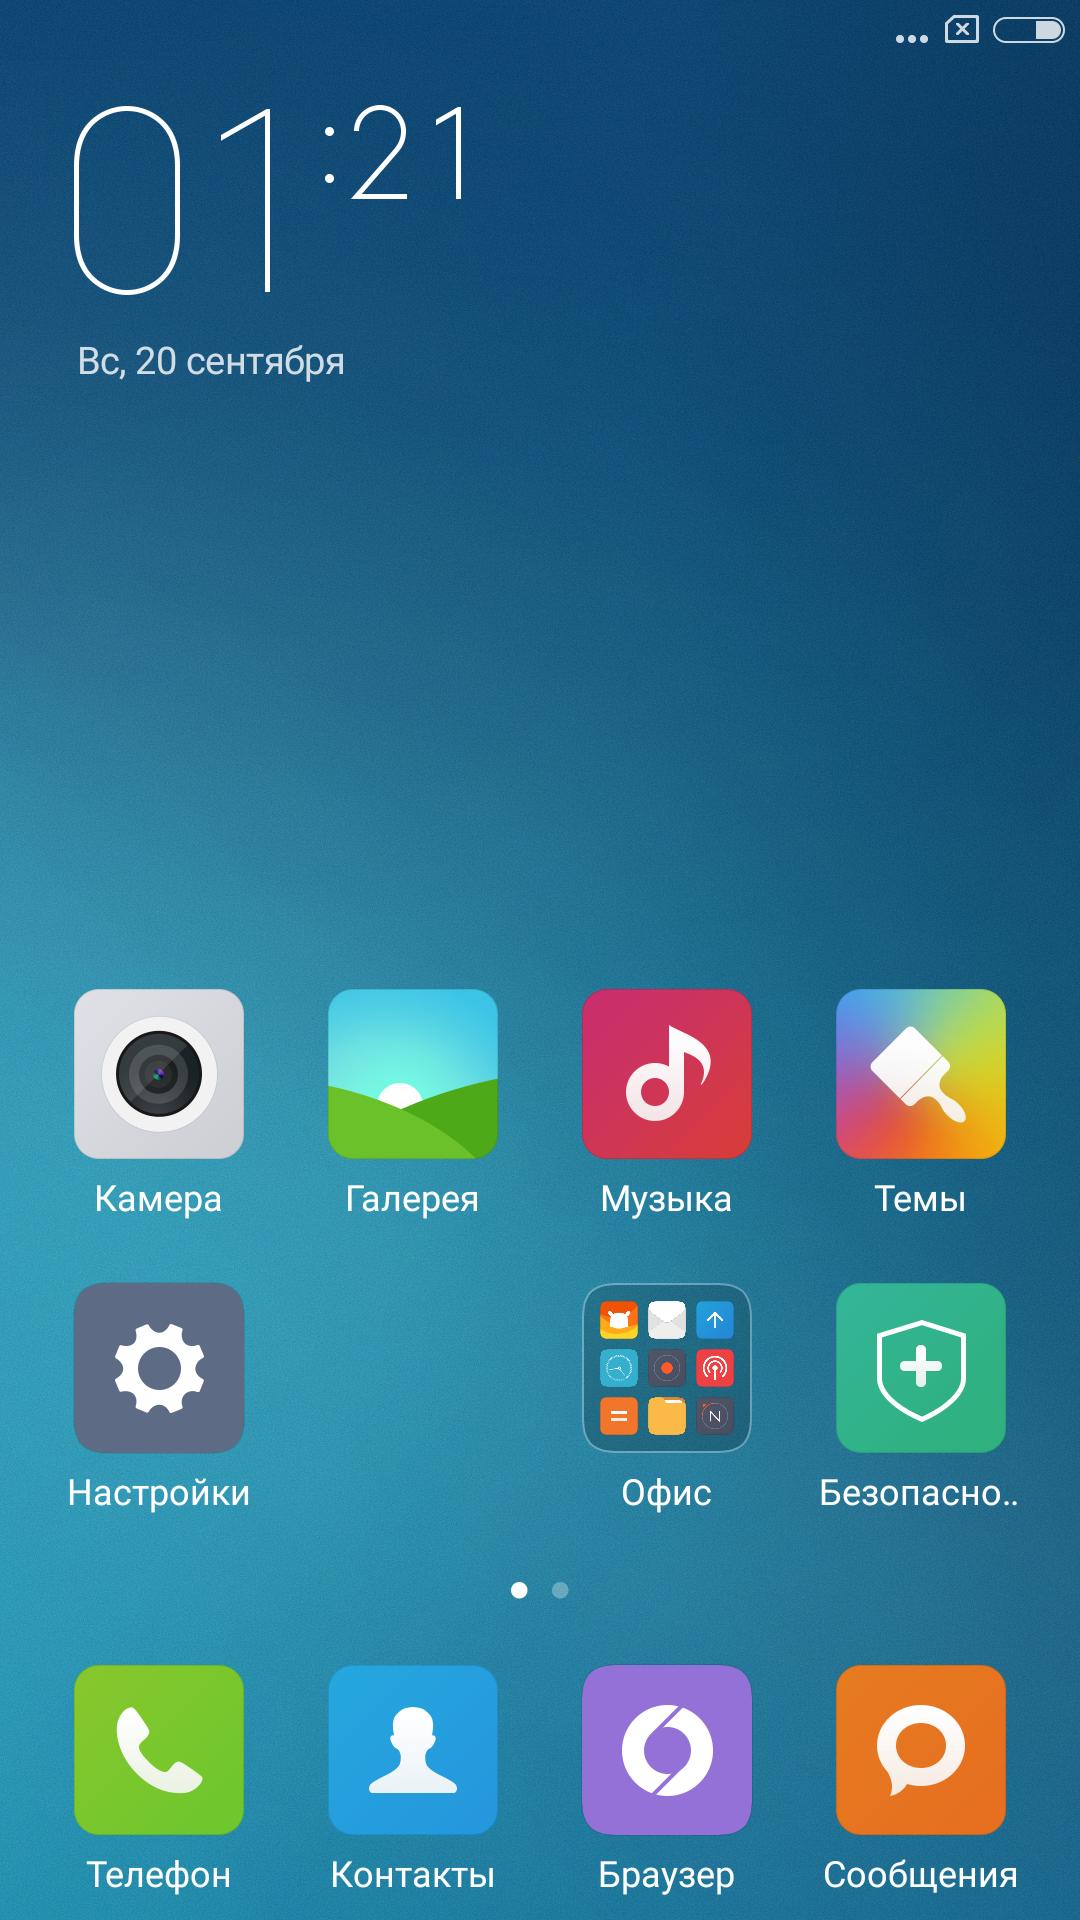 Обзор лучшего бюджетника 2015 года — Xiaomi Redmi Note 2 - 20